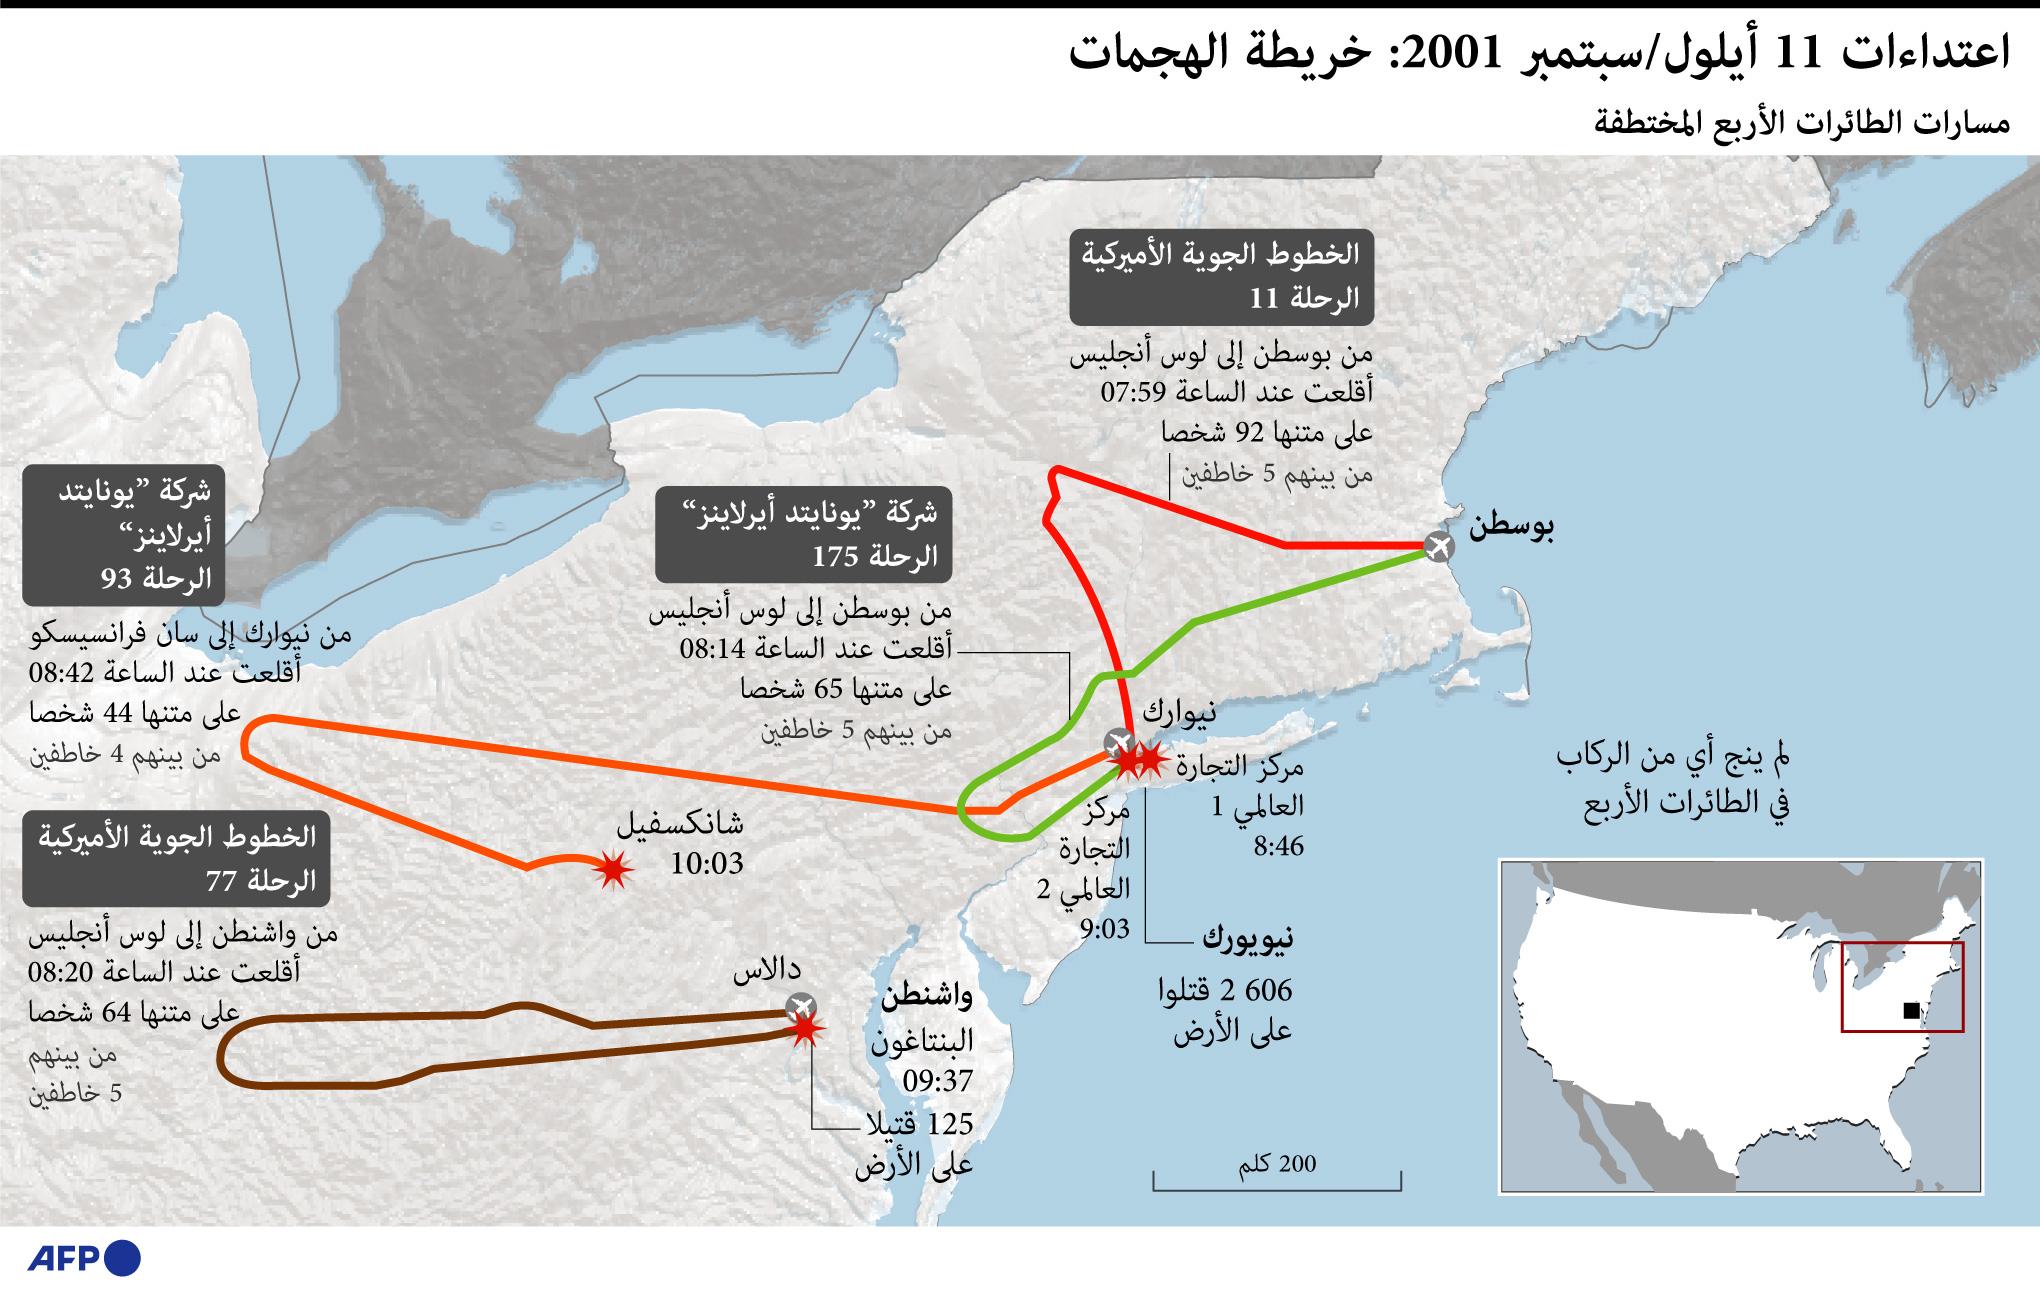 مسار الرحلات المُختطفة لتنفيذ هجمات 11 سبتمبر 2001.